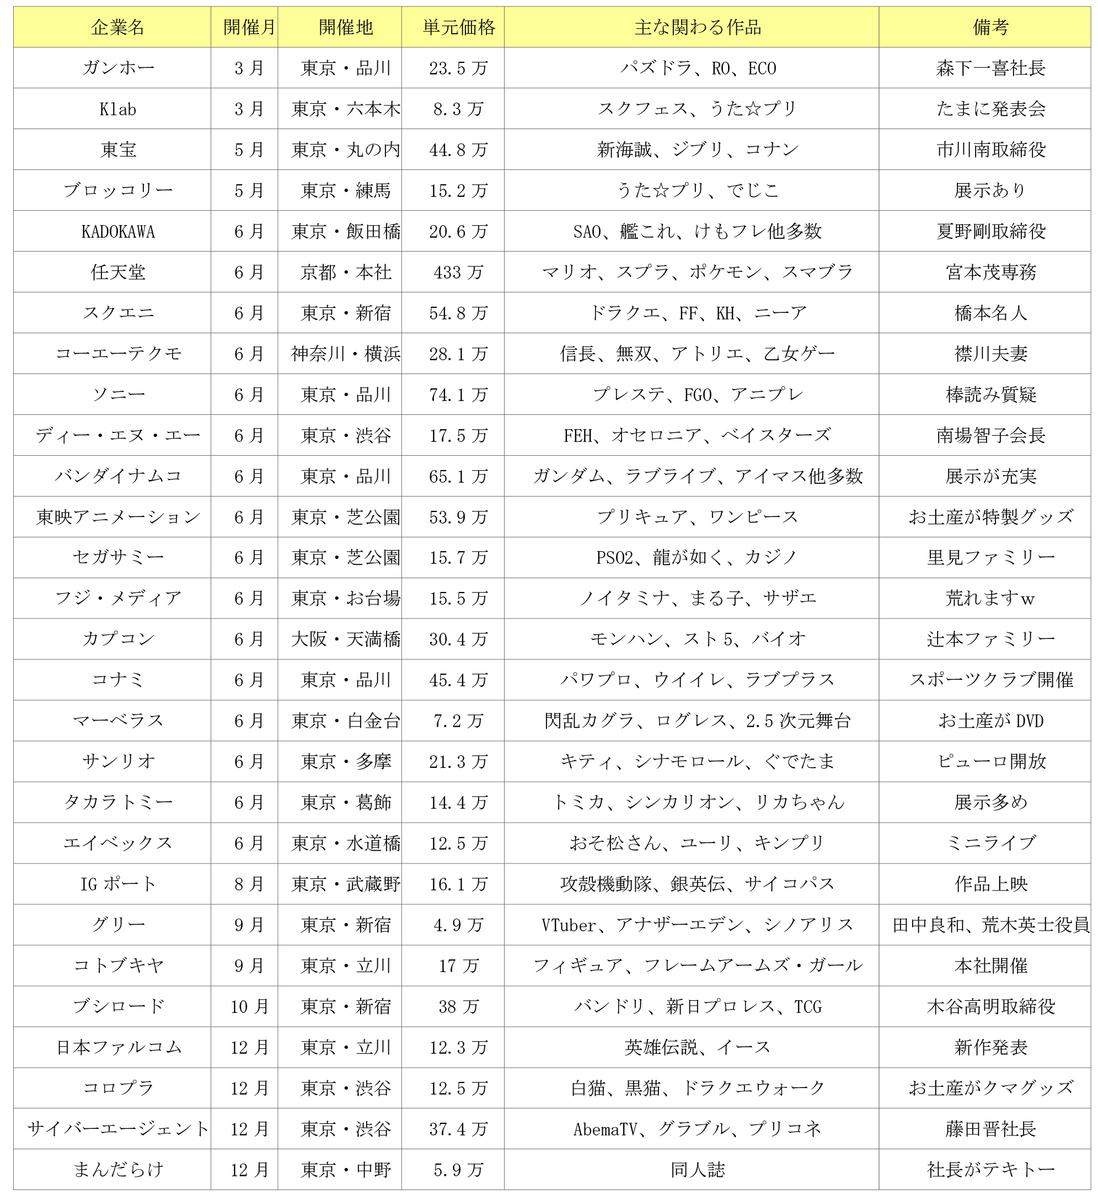 f:id:michsuzuki:20191225210614j:plain